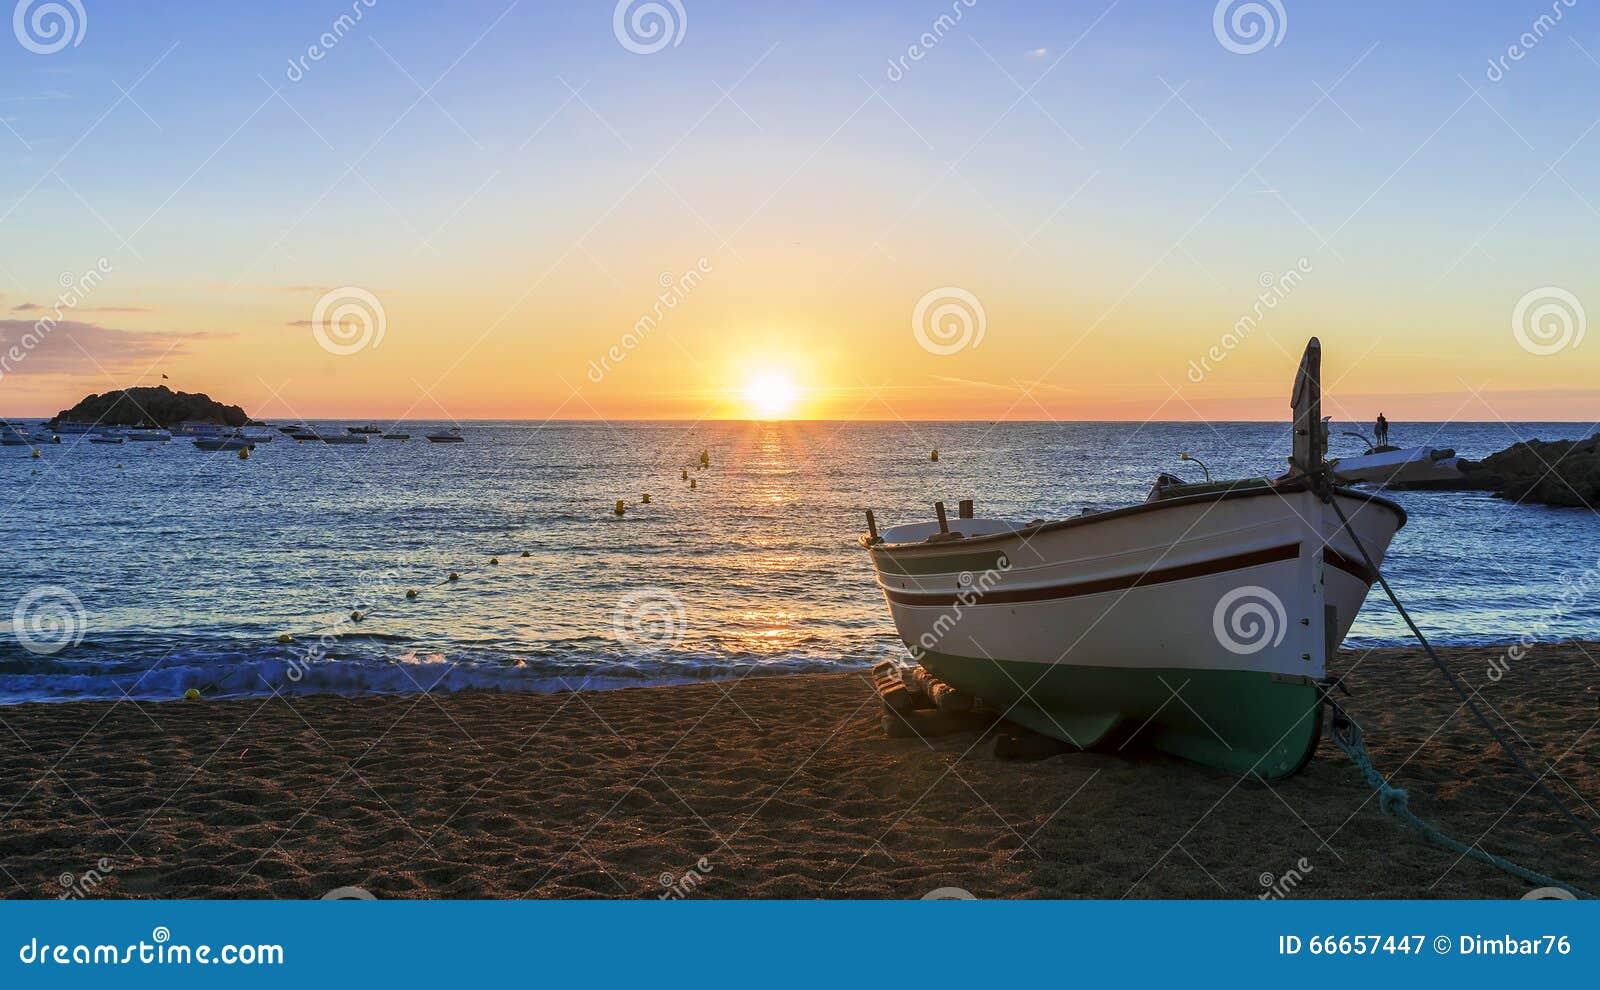 bateaux de p che en mer m diterran e sur le lever de soleil photo stock image 66657447. Black Bedroom Furniture Sets. Home Design Ideas